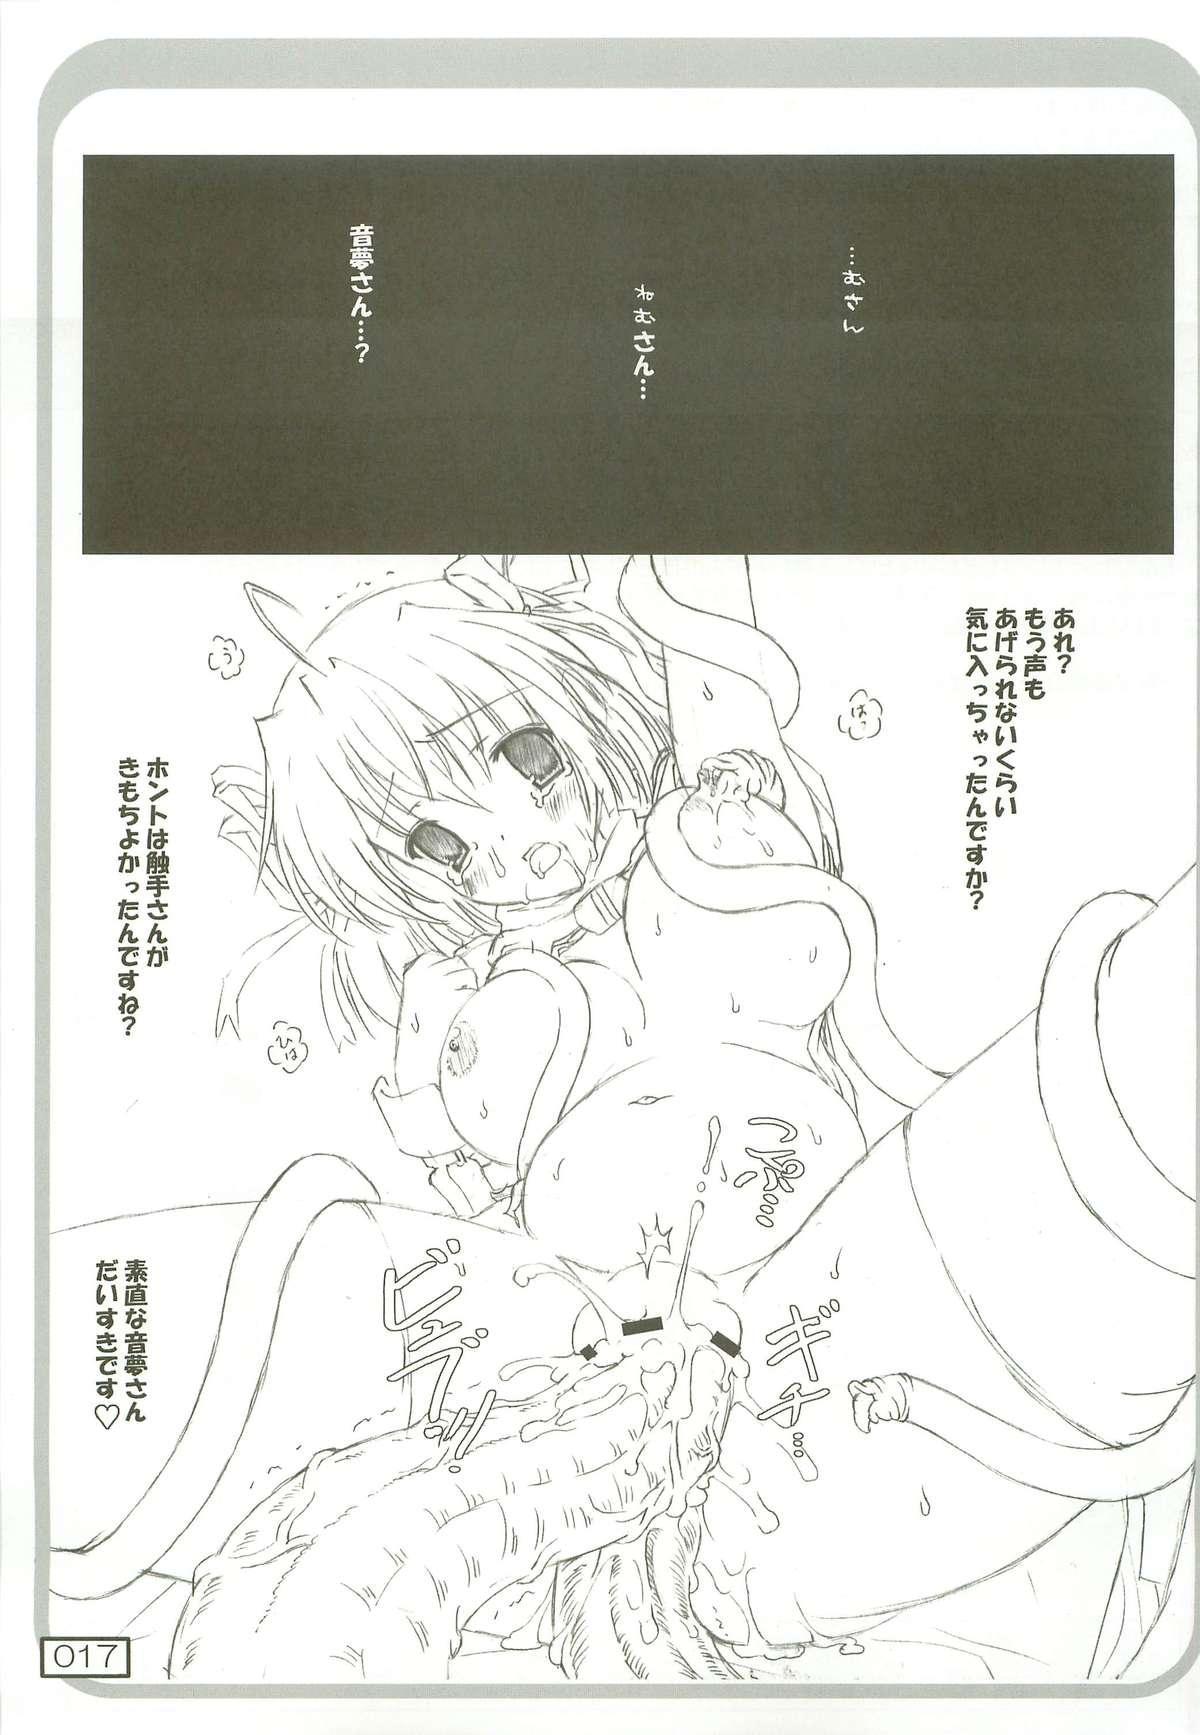 Asaku RO Mite Kara oto Yume Yoyuu Deshita 15